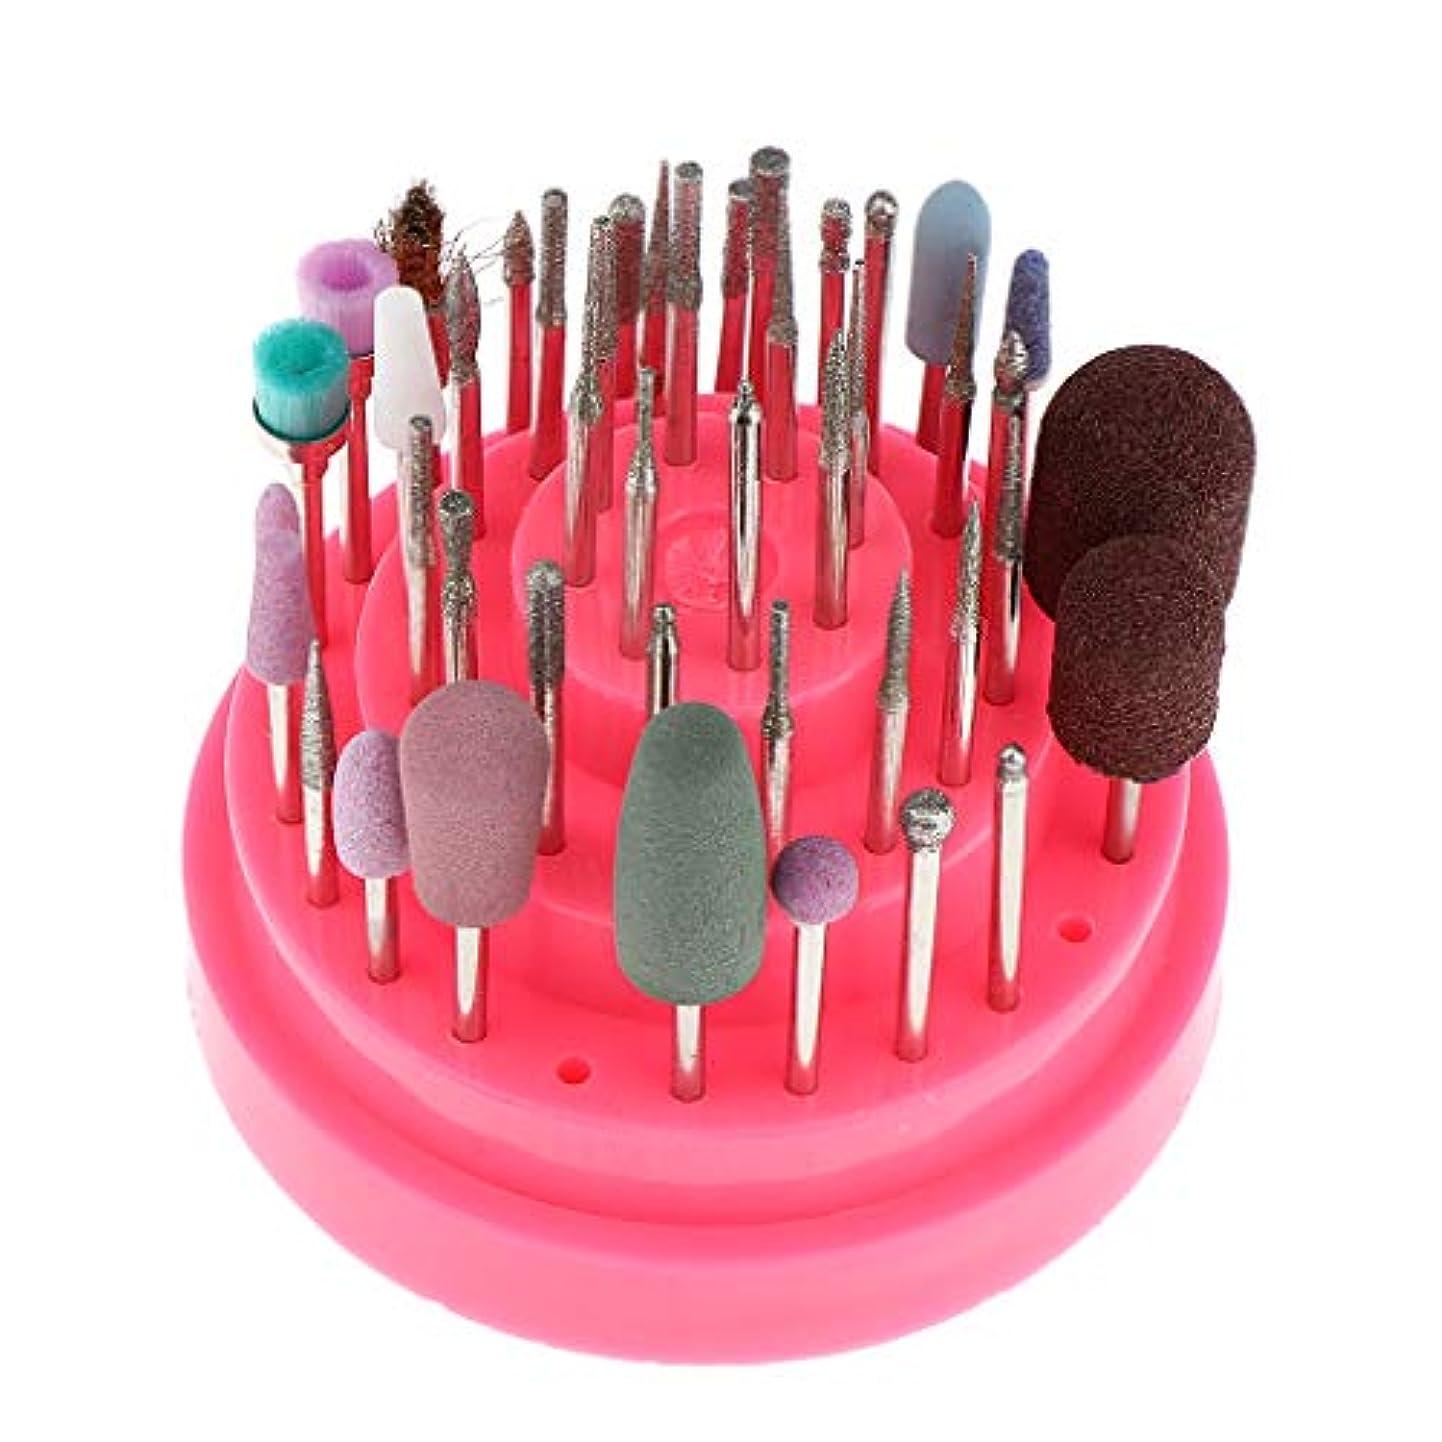 新年二次広まったネイル研削ヘッド ネイルドリルビットセット ネイルアートツール ネイル道具 全2色 - ピンク